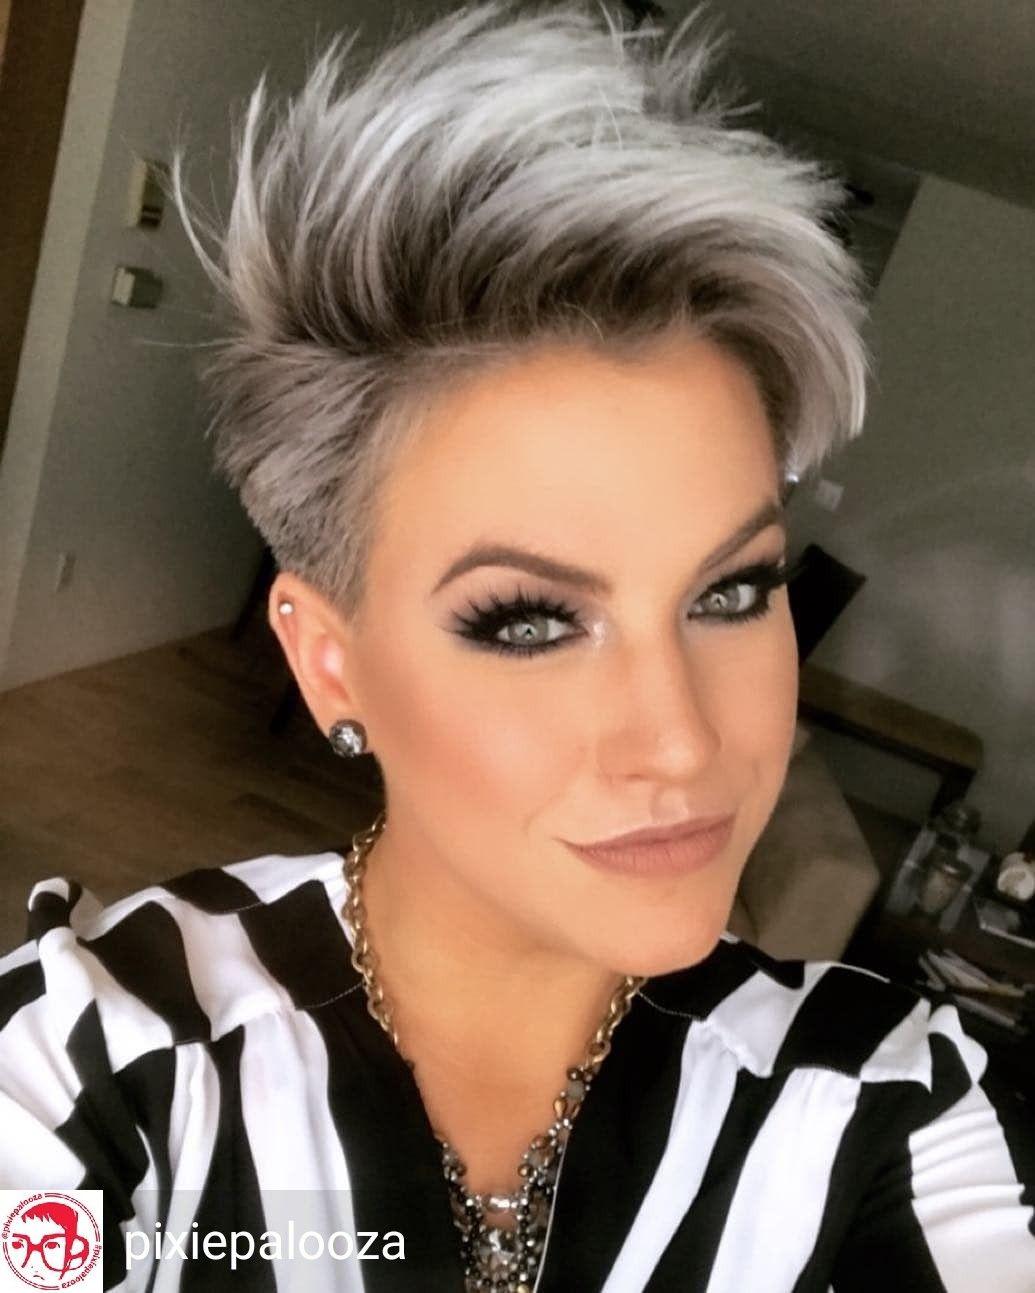 Zo Stoer Ooit Kapsels 2019 Vrouwen Dames Haarkleur Halflang Lang Bob Haarproducten Kapsels Kort Haar Kapsels Kapsels Voor Kort Haar